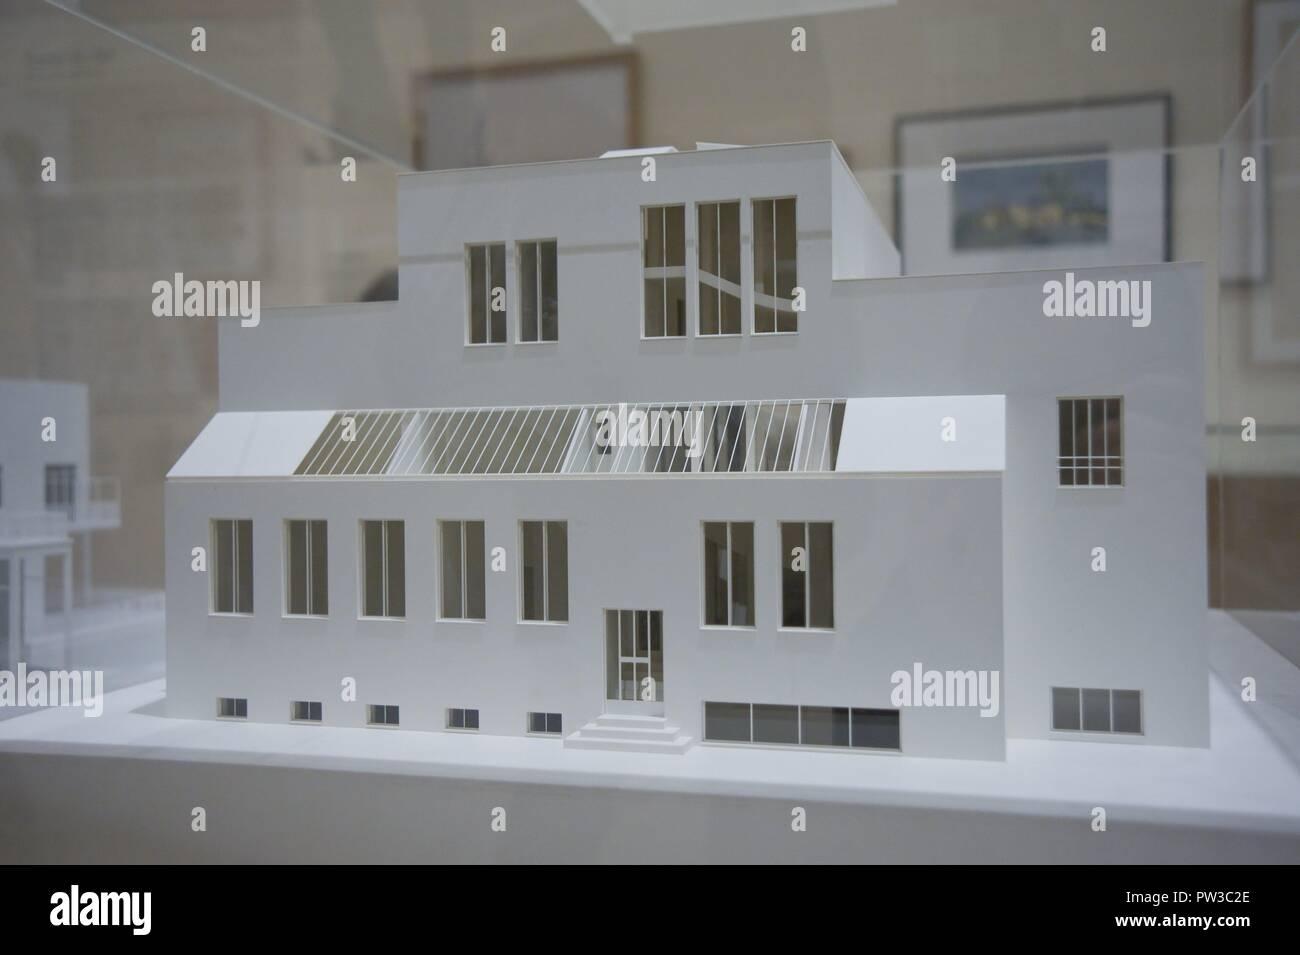 Wien, Haus Stonborough-Wittgenstein, Ludwig Wittgenstein 1926-1928, Modellaufnahme - Stock Image